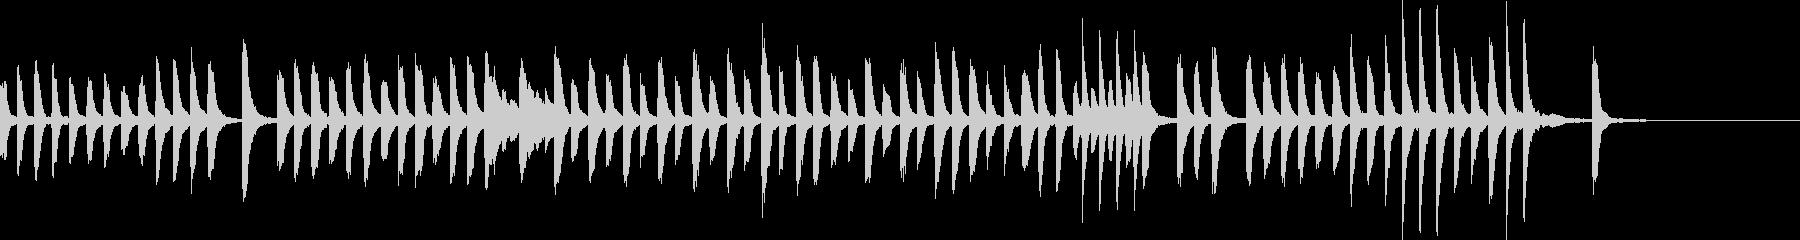 ピアノBGM 知育ゲーム教育アプリの未再生の波形